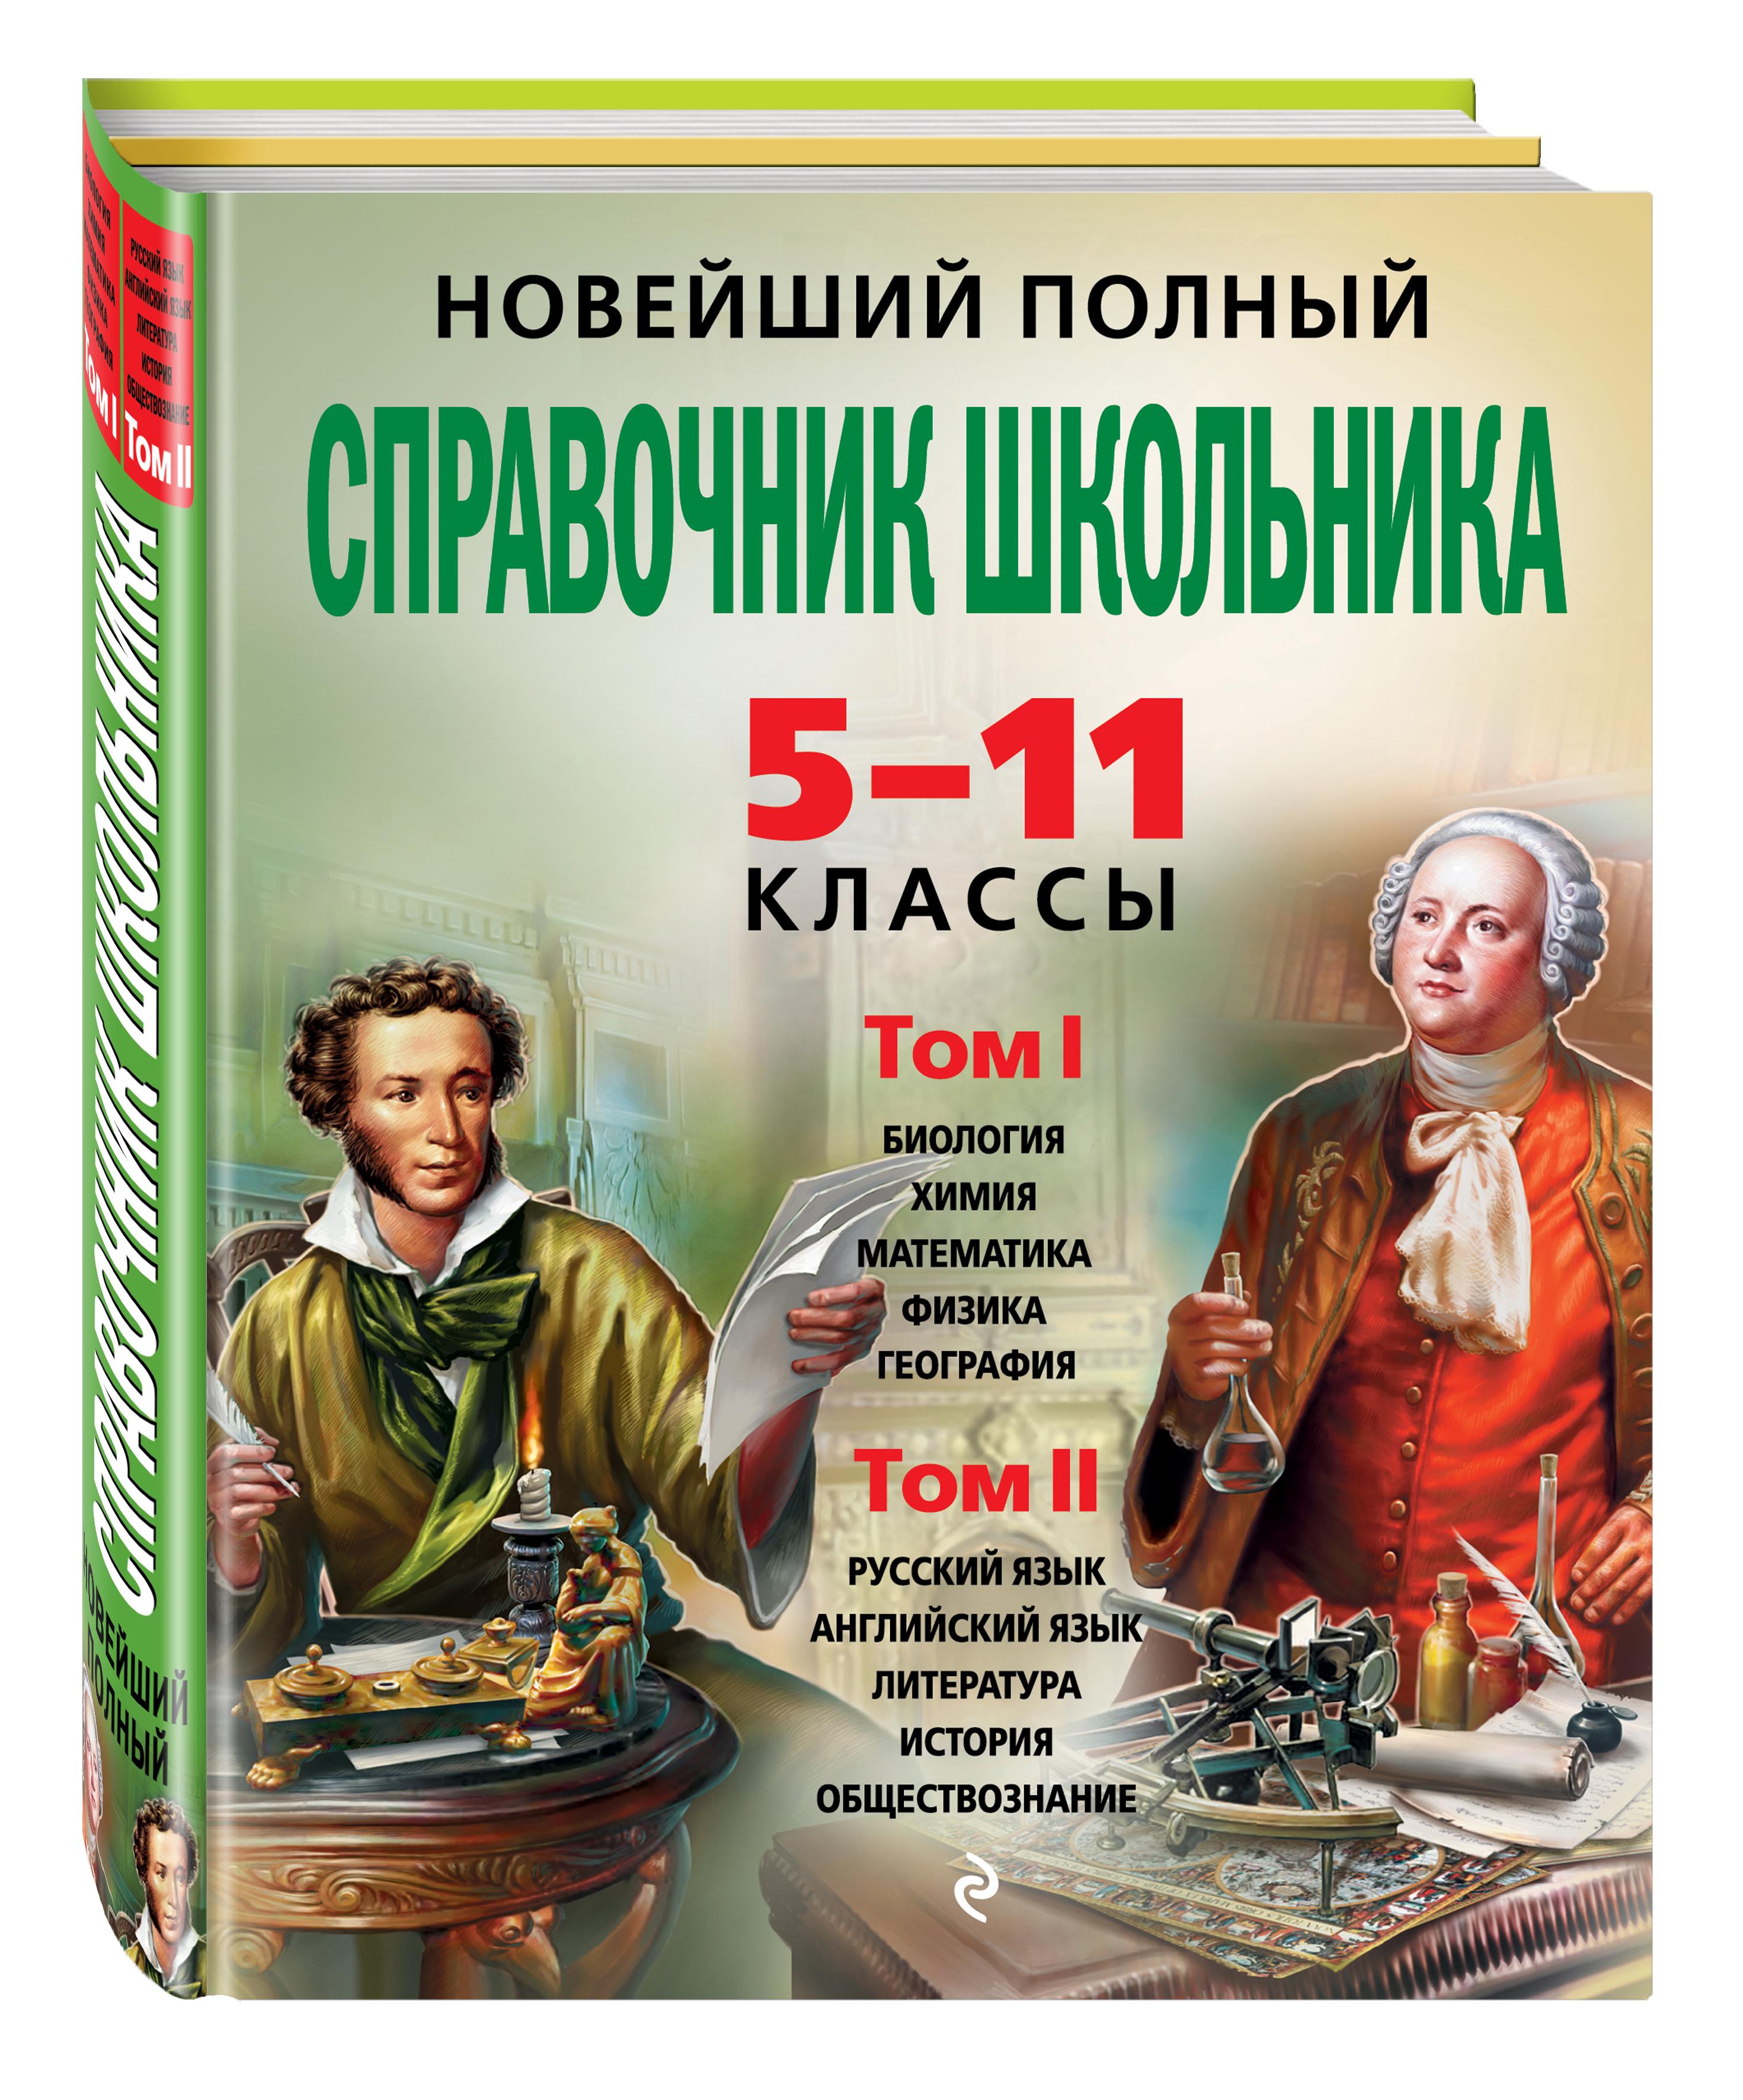 Купить со скидкой Новейший полный справочник школьника: 5-11 классы. В 2 т. (+CD)